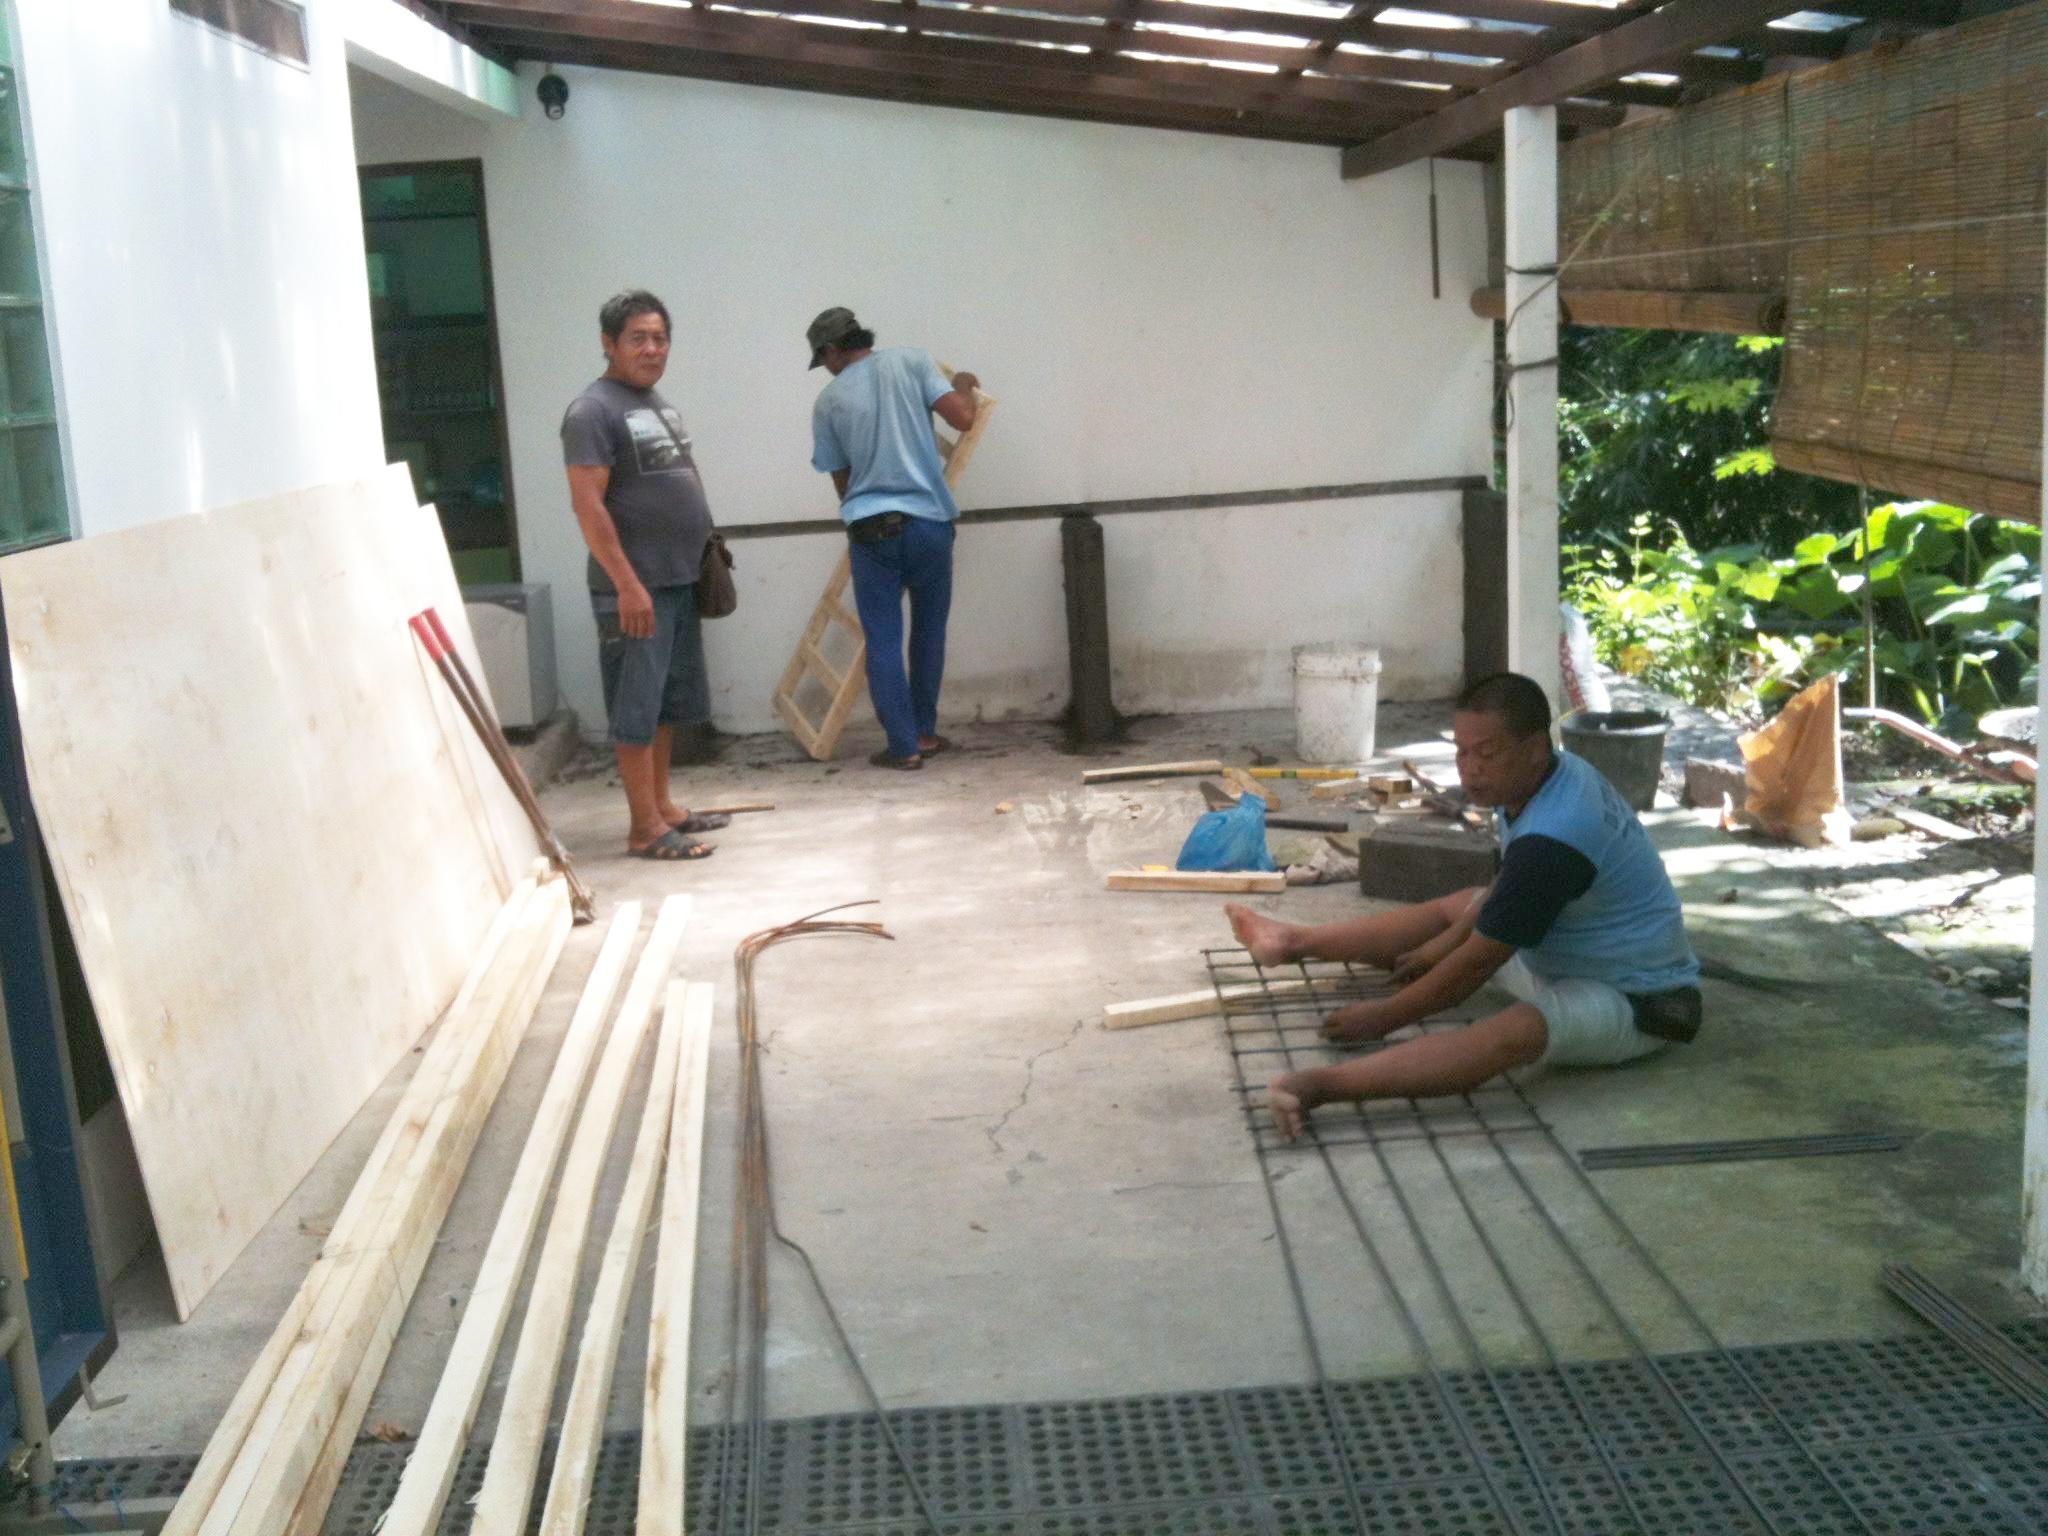 volunteer area